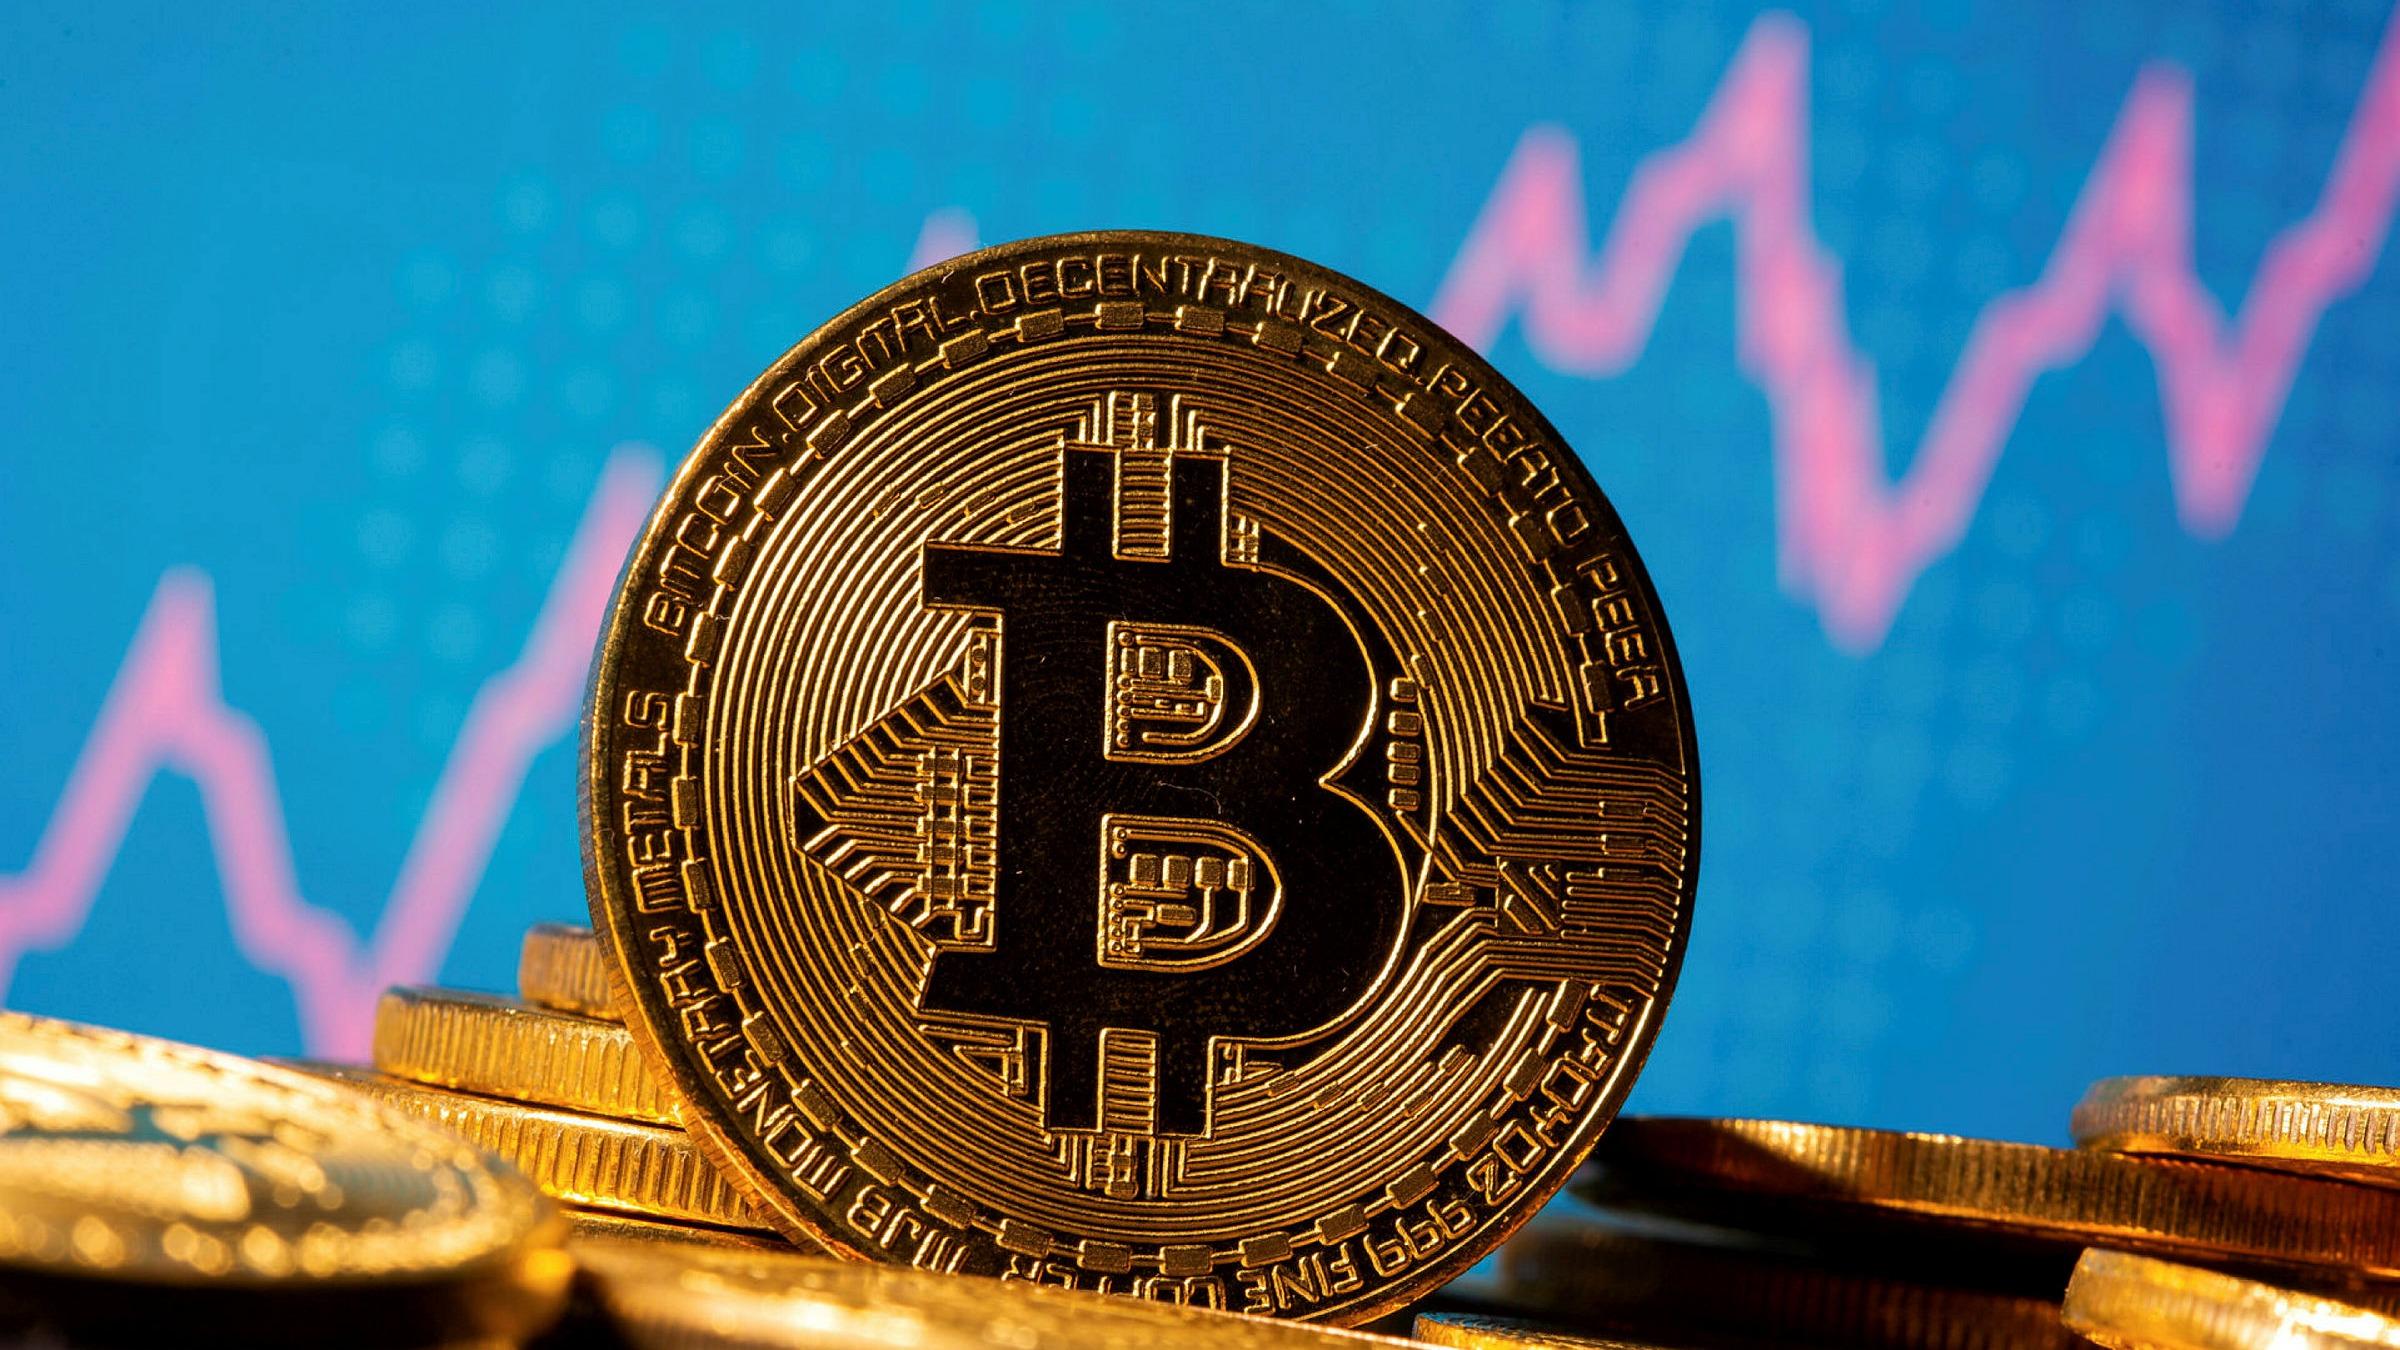 investind în numerar bitcoin peste bitcoin investind în valută și euro românian